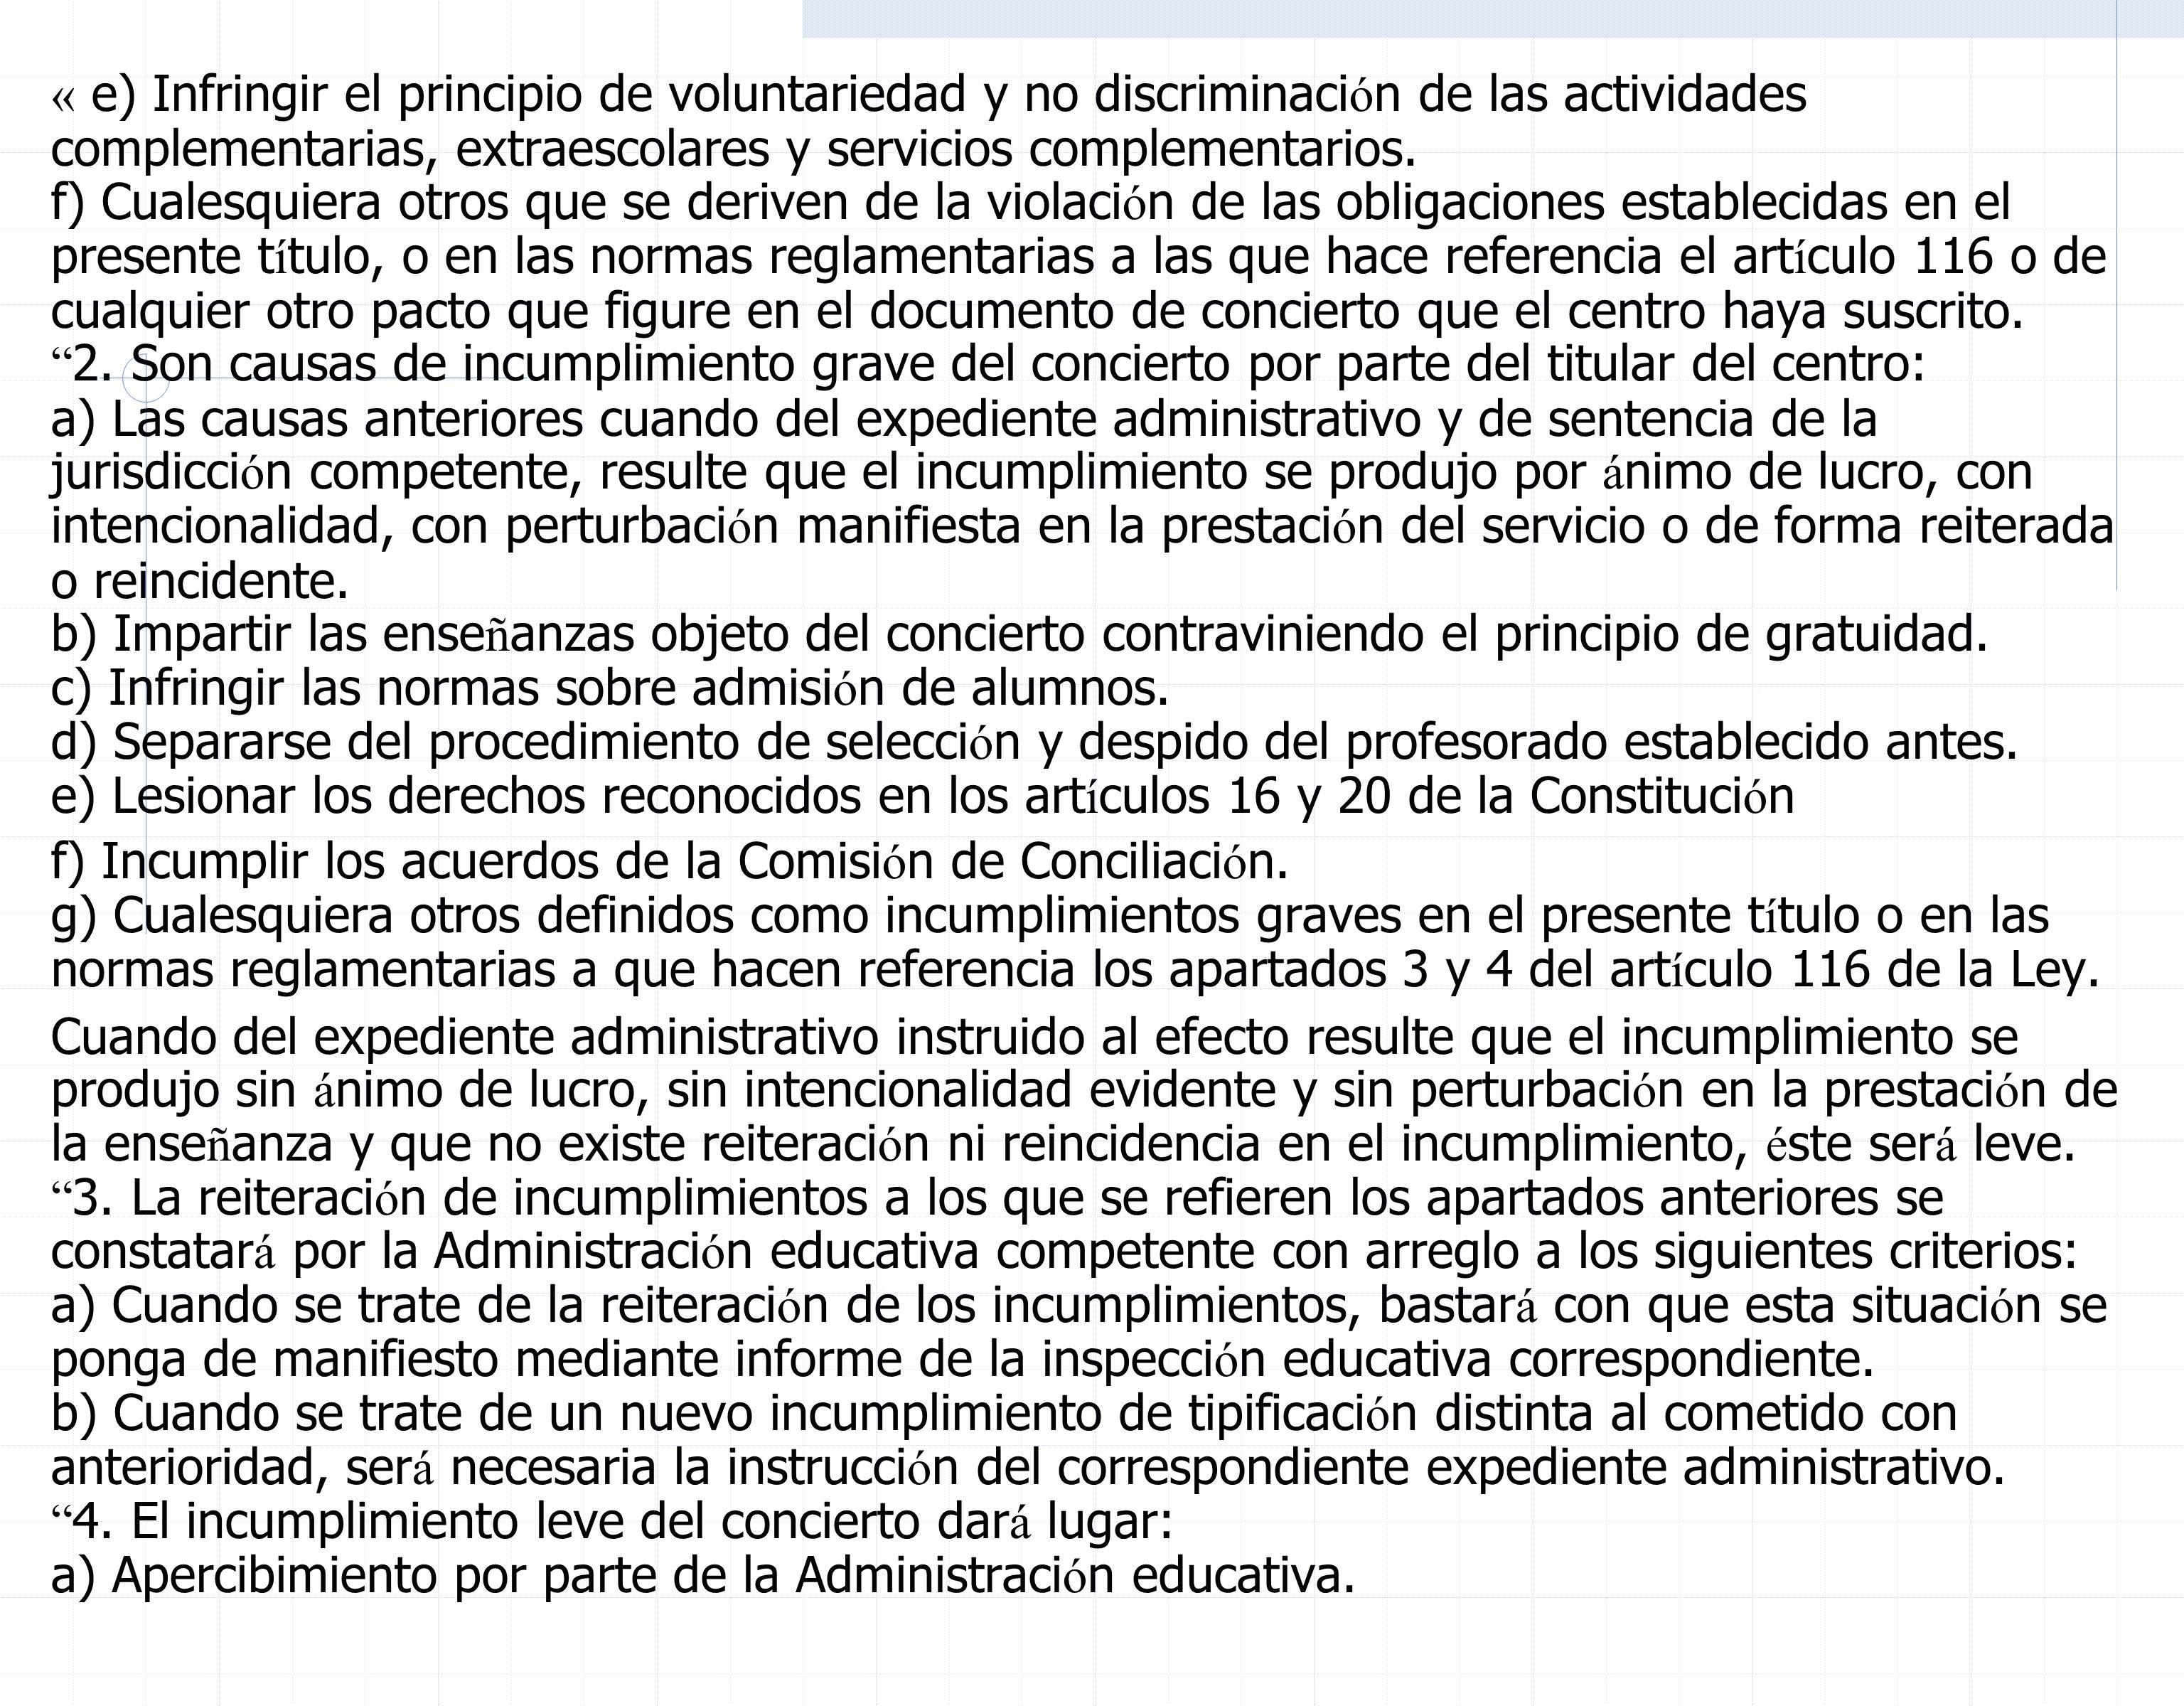 « e) Infringir el principio de voluntariedad y no discriminaci ó n de las actividades complementarias, extraescolares y servicios complementarios.